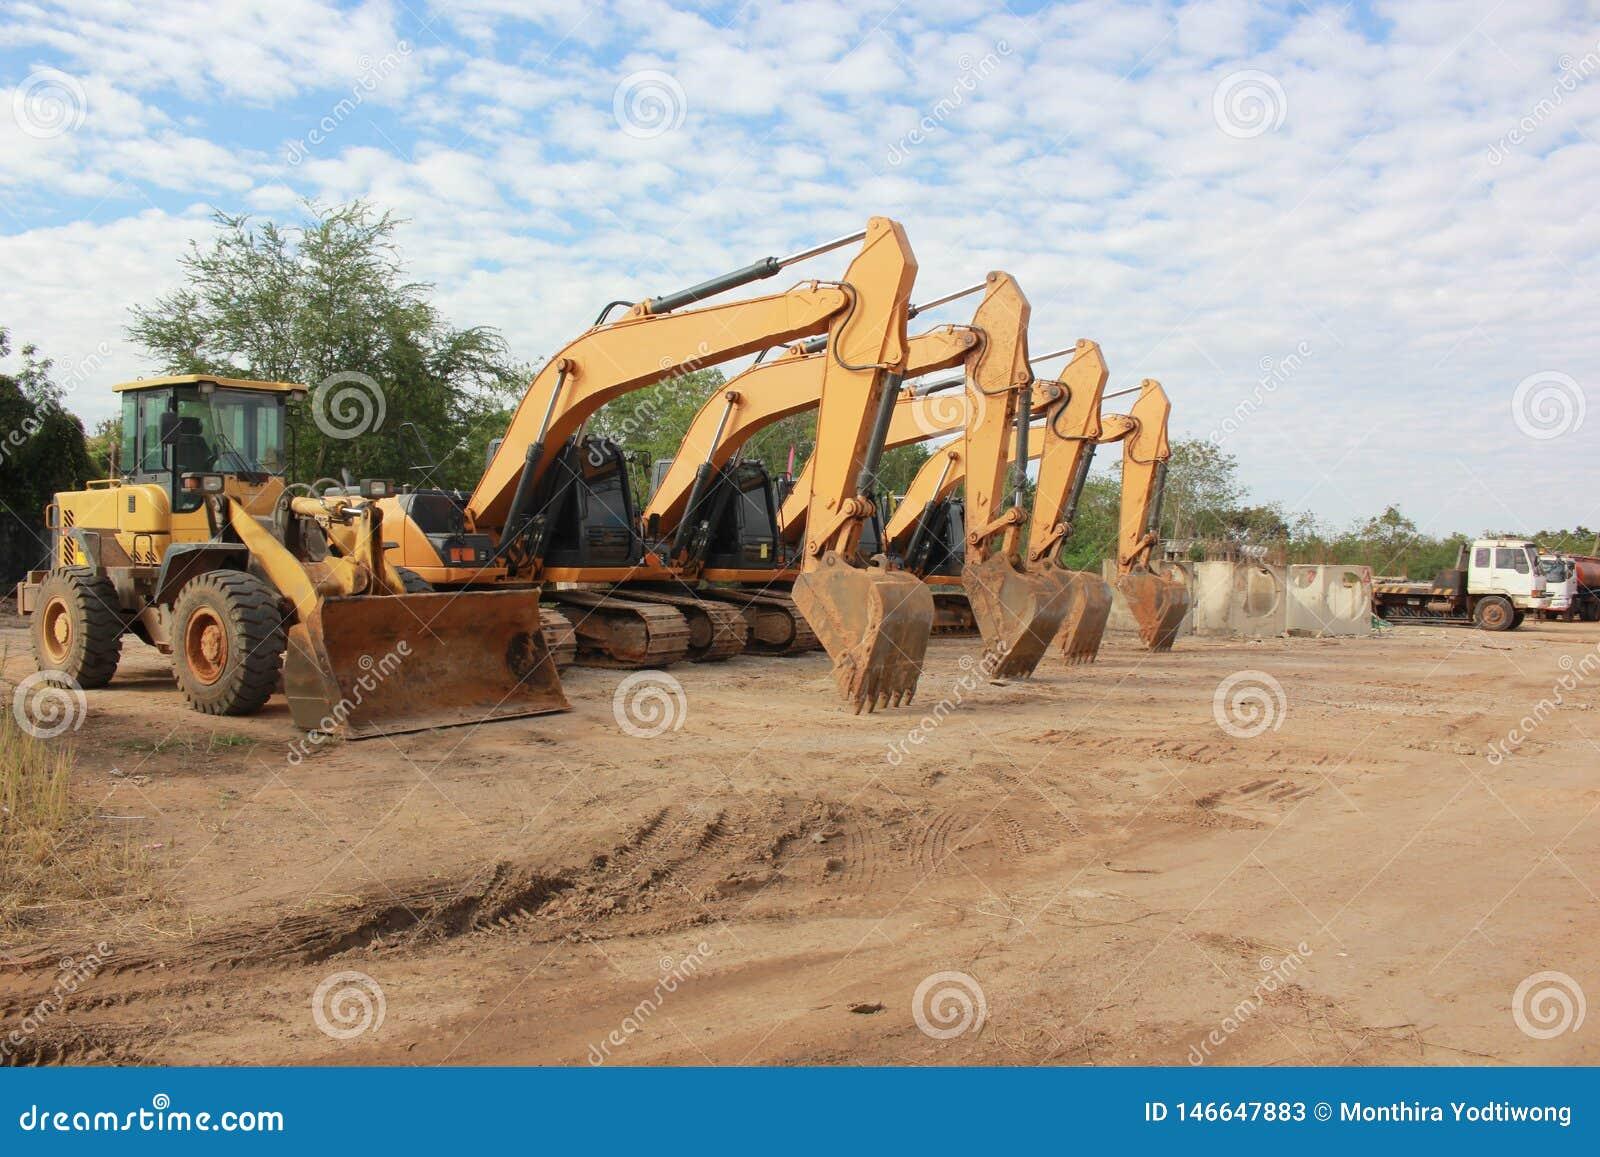 大黄色挖掘机和其他建筑机械在工作空间